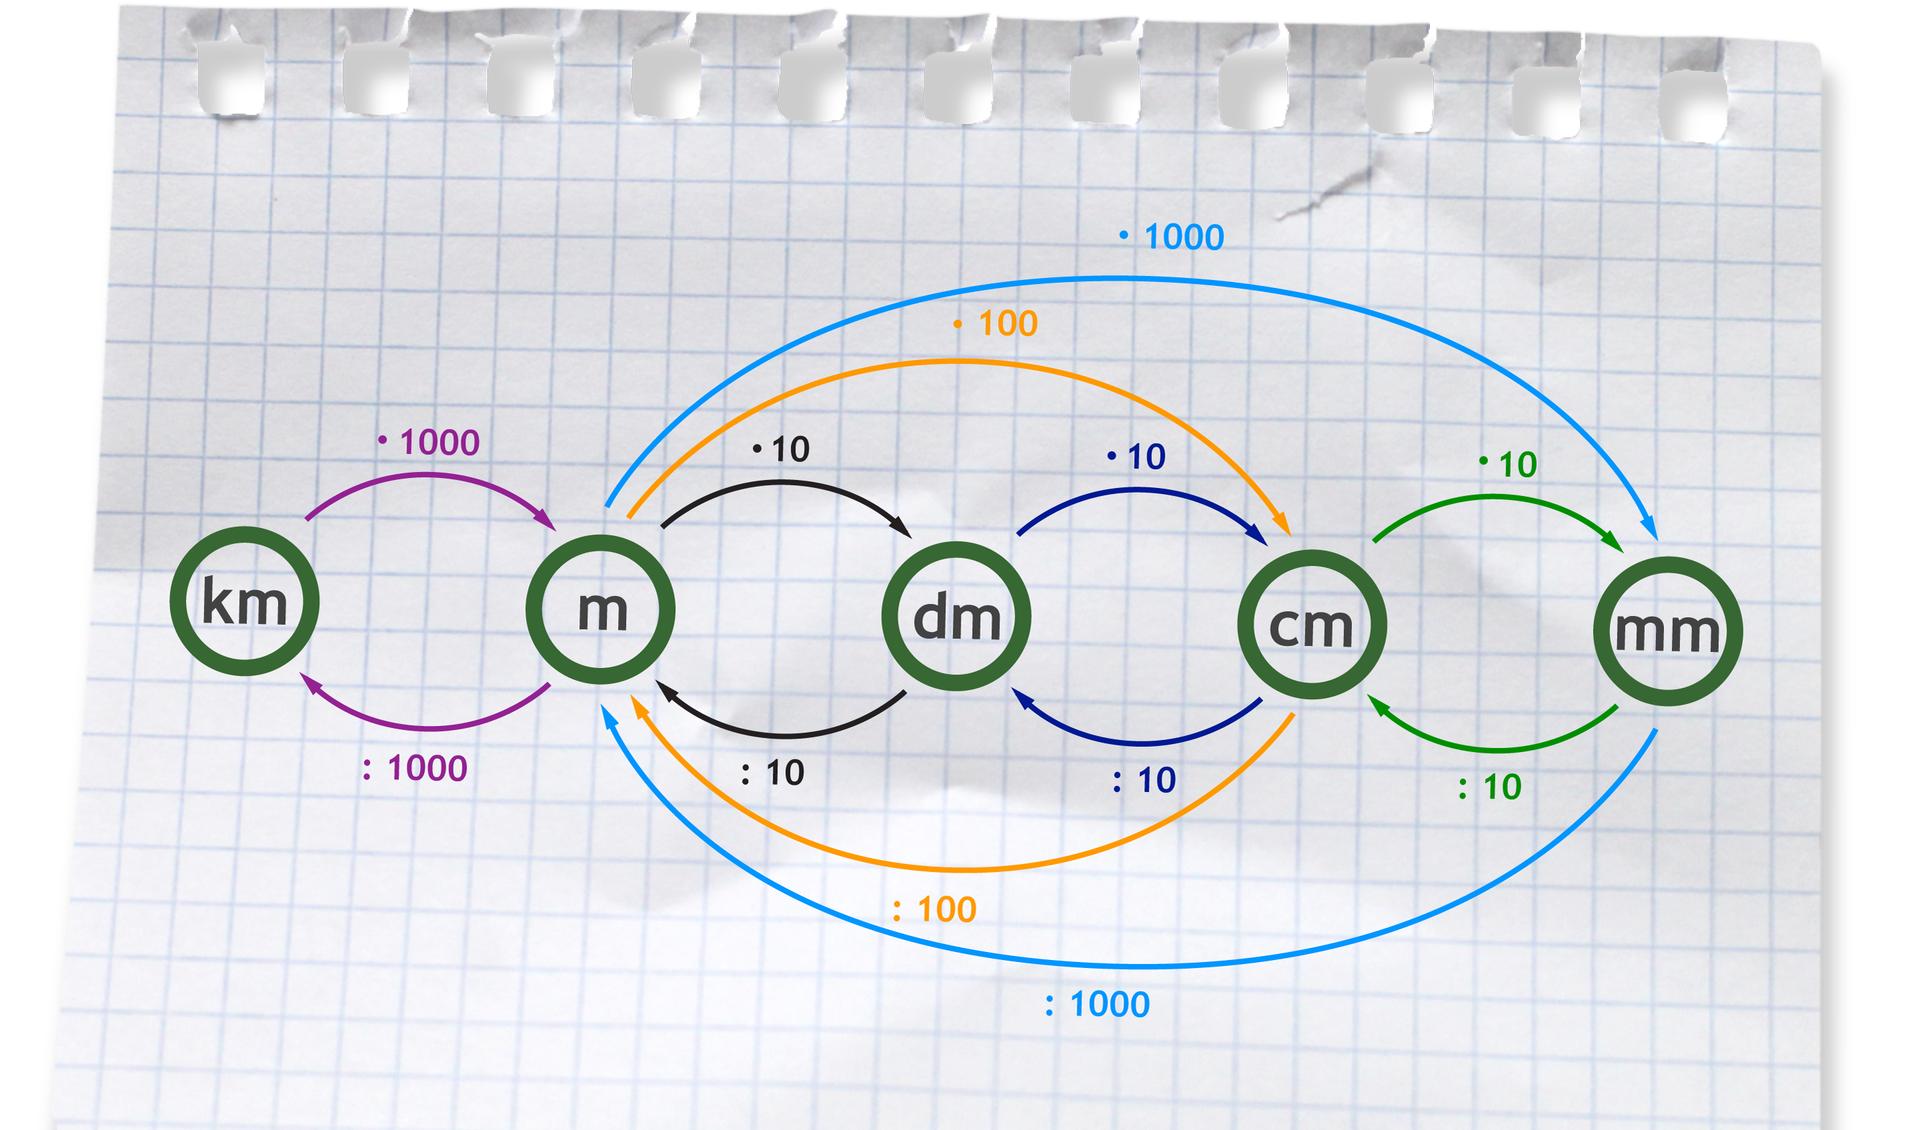 Graf pokazujący sposób przeliczania jednostek długości. Zamieniając większą jednostkę na mniejszą mnożymy odpowiednio przez 10, 100, 1000. Zamieniając kilometry na metry mnożymy przez 1000, metry na decymetry mnożymy przez 10, metry na centymetry mnożymy przez 100, metry na milimetry mnożymy przez 1000, decymetry na centymetry mnożymy przez 10, centymetry na milimetry mnożymy przez 10. Zamieniając mniejszą jednostkę na większą dzielimy odpowiednio przez 10, 100, 1000. Zamieniając milimetry na centymetry dzielimy przez 10, centymetry na decymetry dzielimy przez 10, decymetry na metry dzielimy przez 10, centymetry na metry dzielimy przez 100, milimetry na metry dzielimy przez 1000, metry na kilometry dzielimy przez 1000.